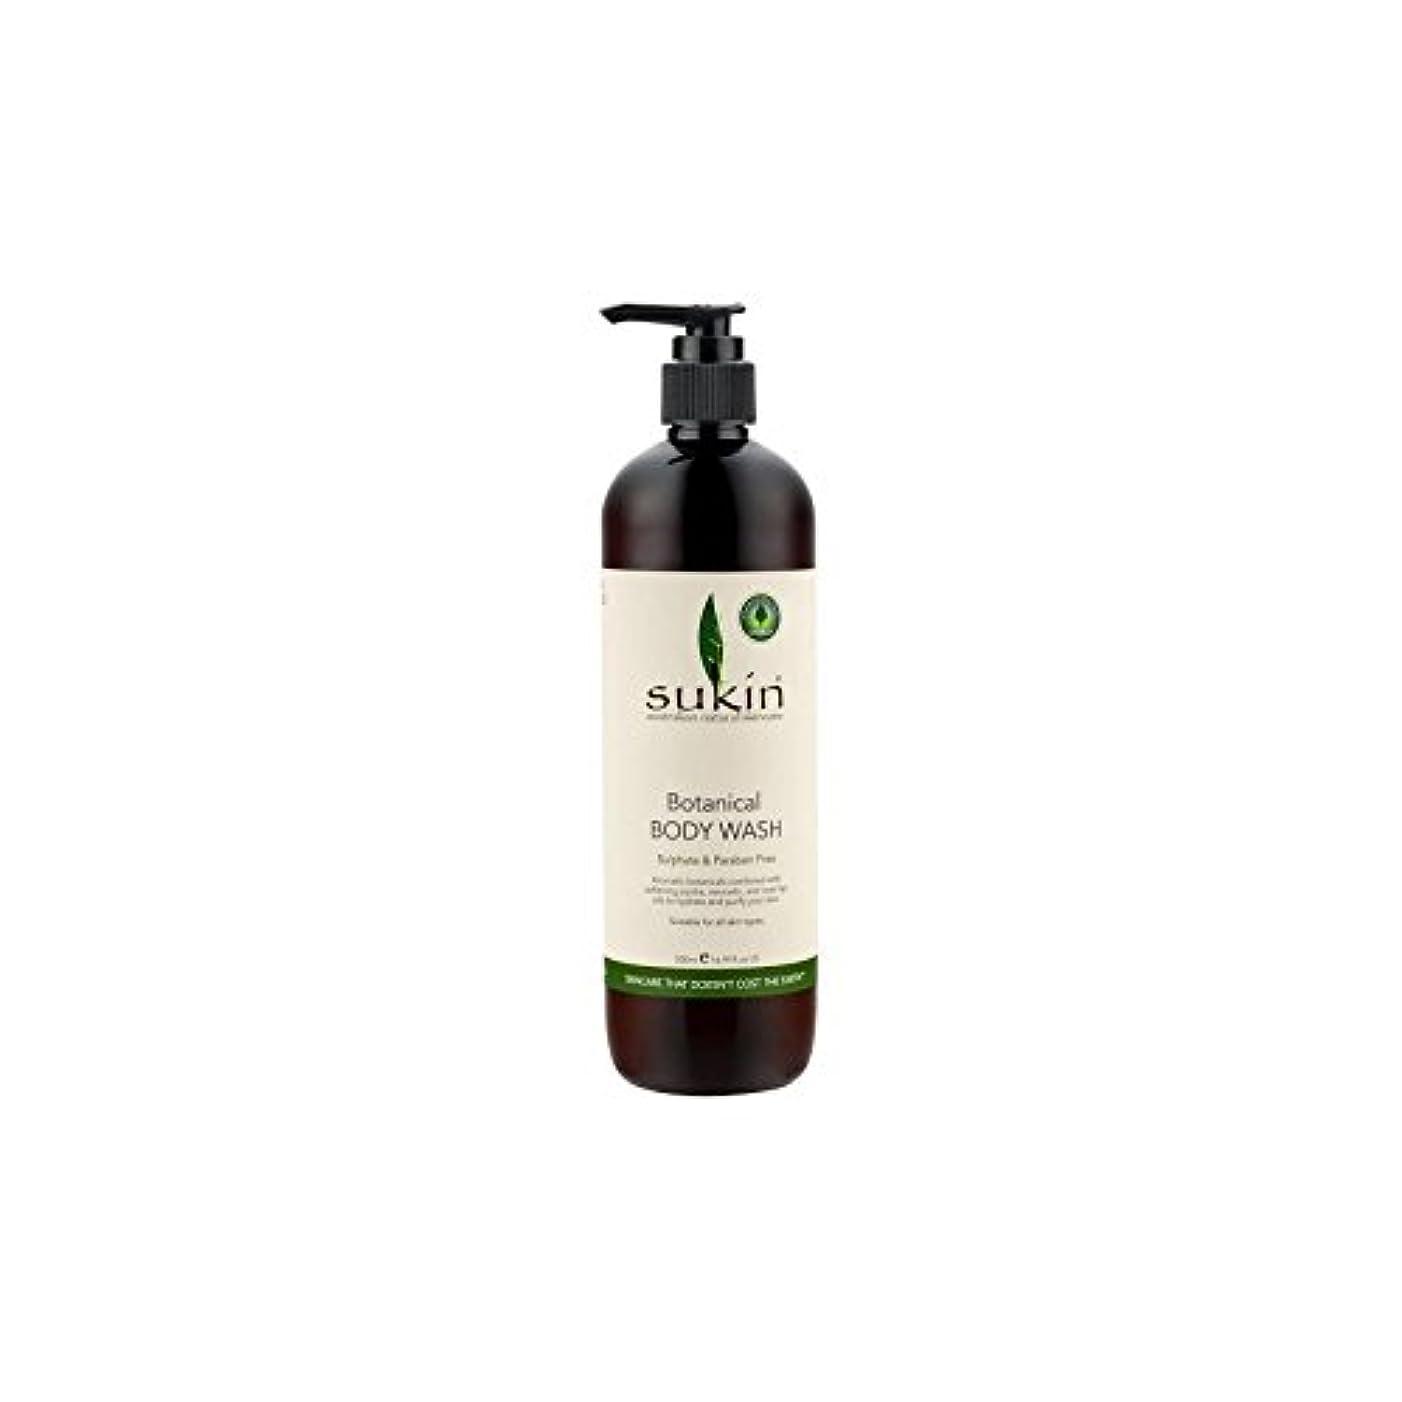 メナジェリー兄マトン植物ボディウォッシュ(500ミリリットル) x4 - Sukin Botanical Body Wash (500ml) (Pack of 4) [並行輸入品]